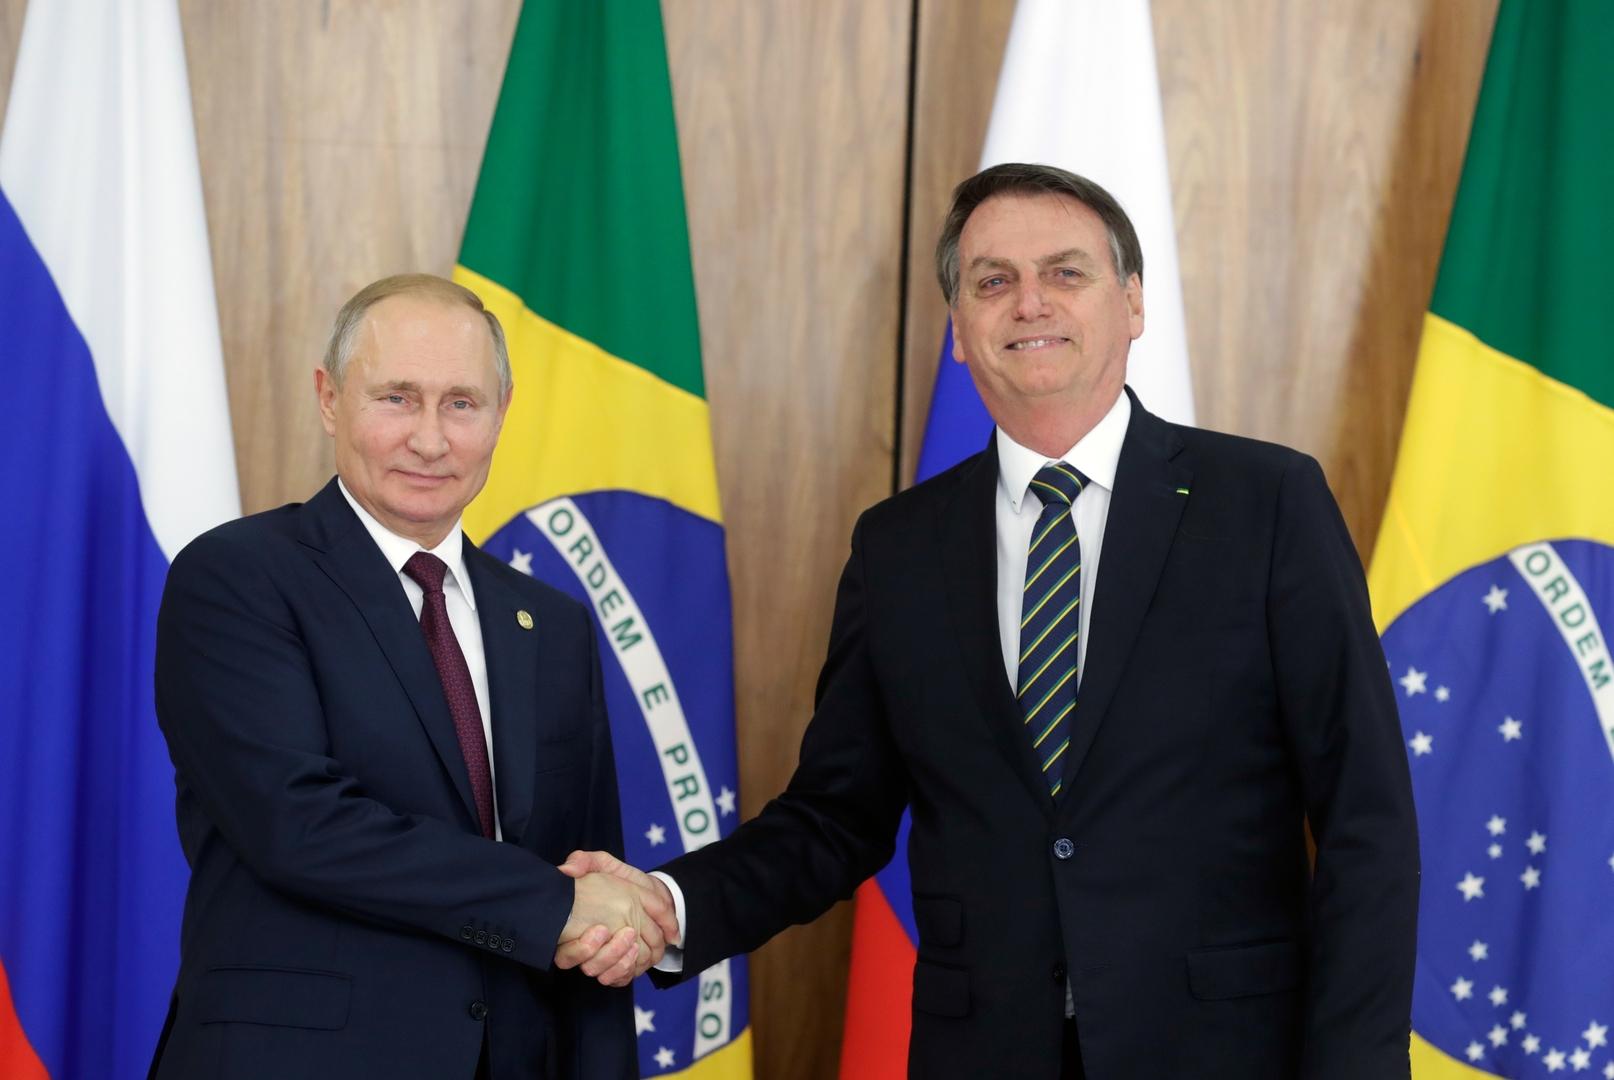 الرئيس البرازيلي، جايير بولسونارو، والرئيس الروسي، فلاديمير بوتين.